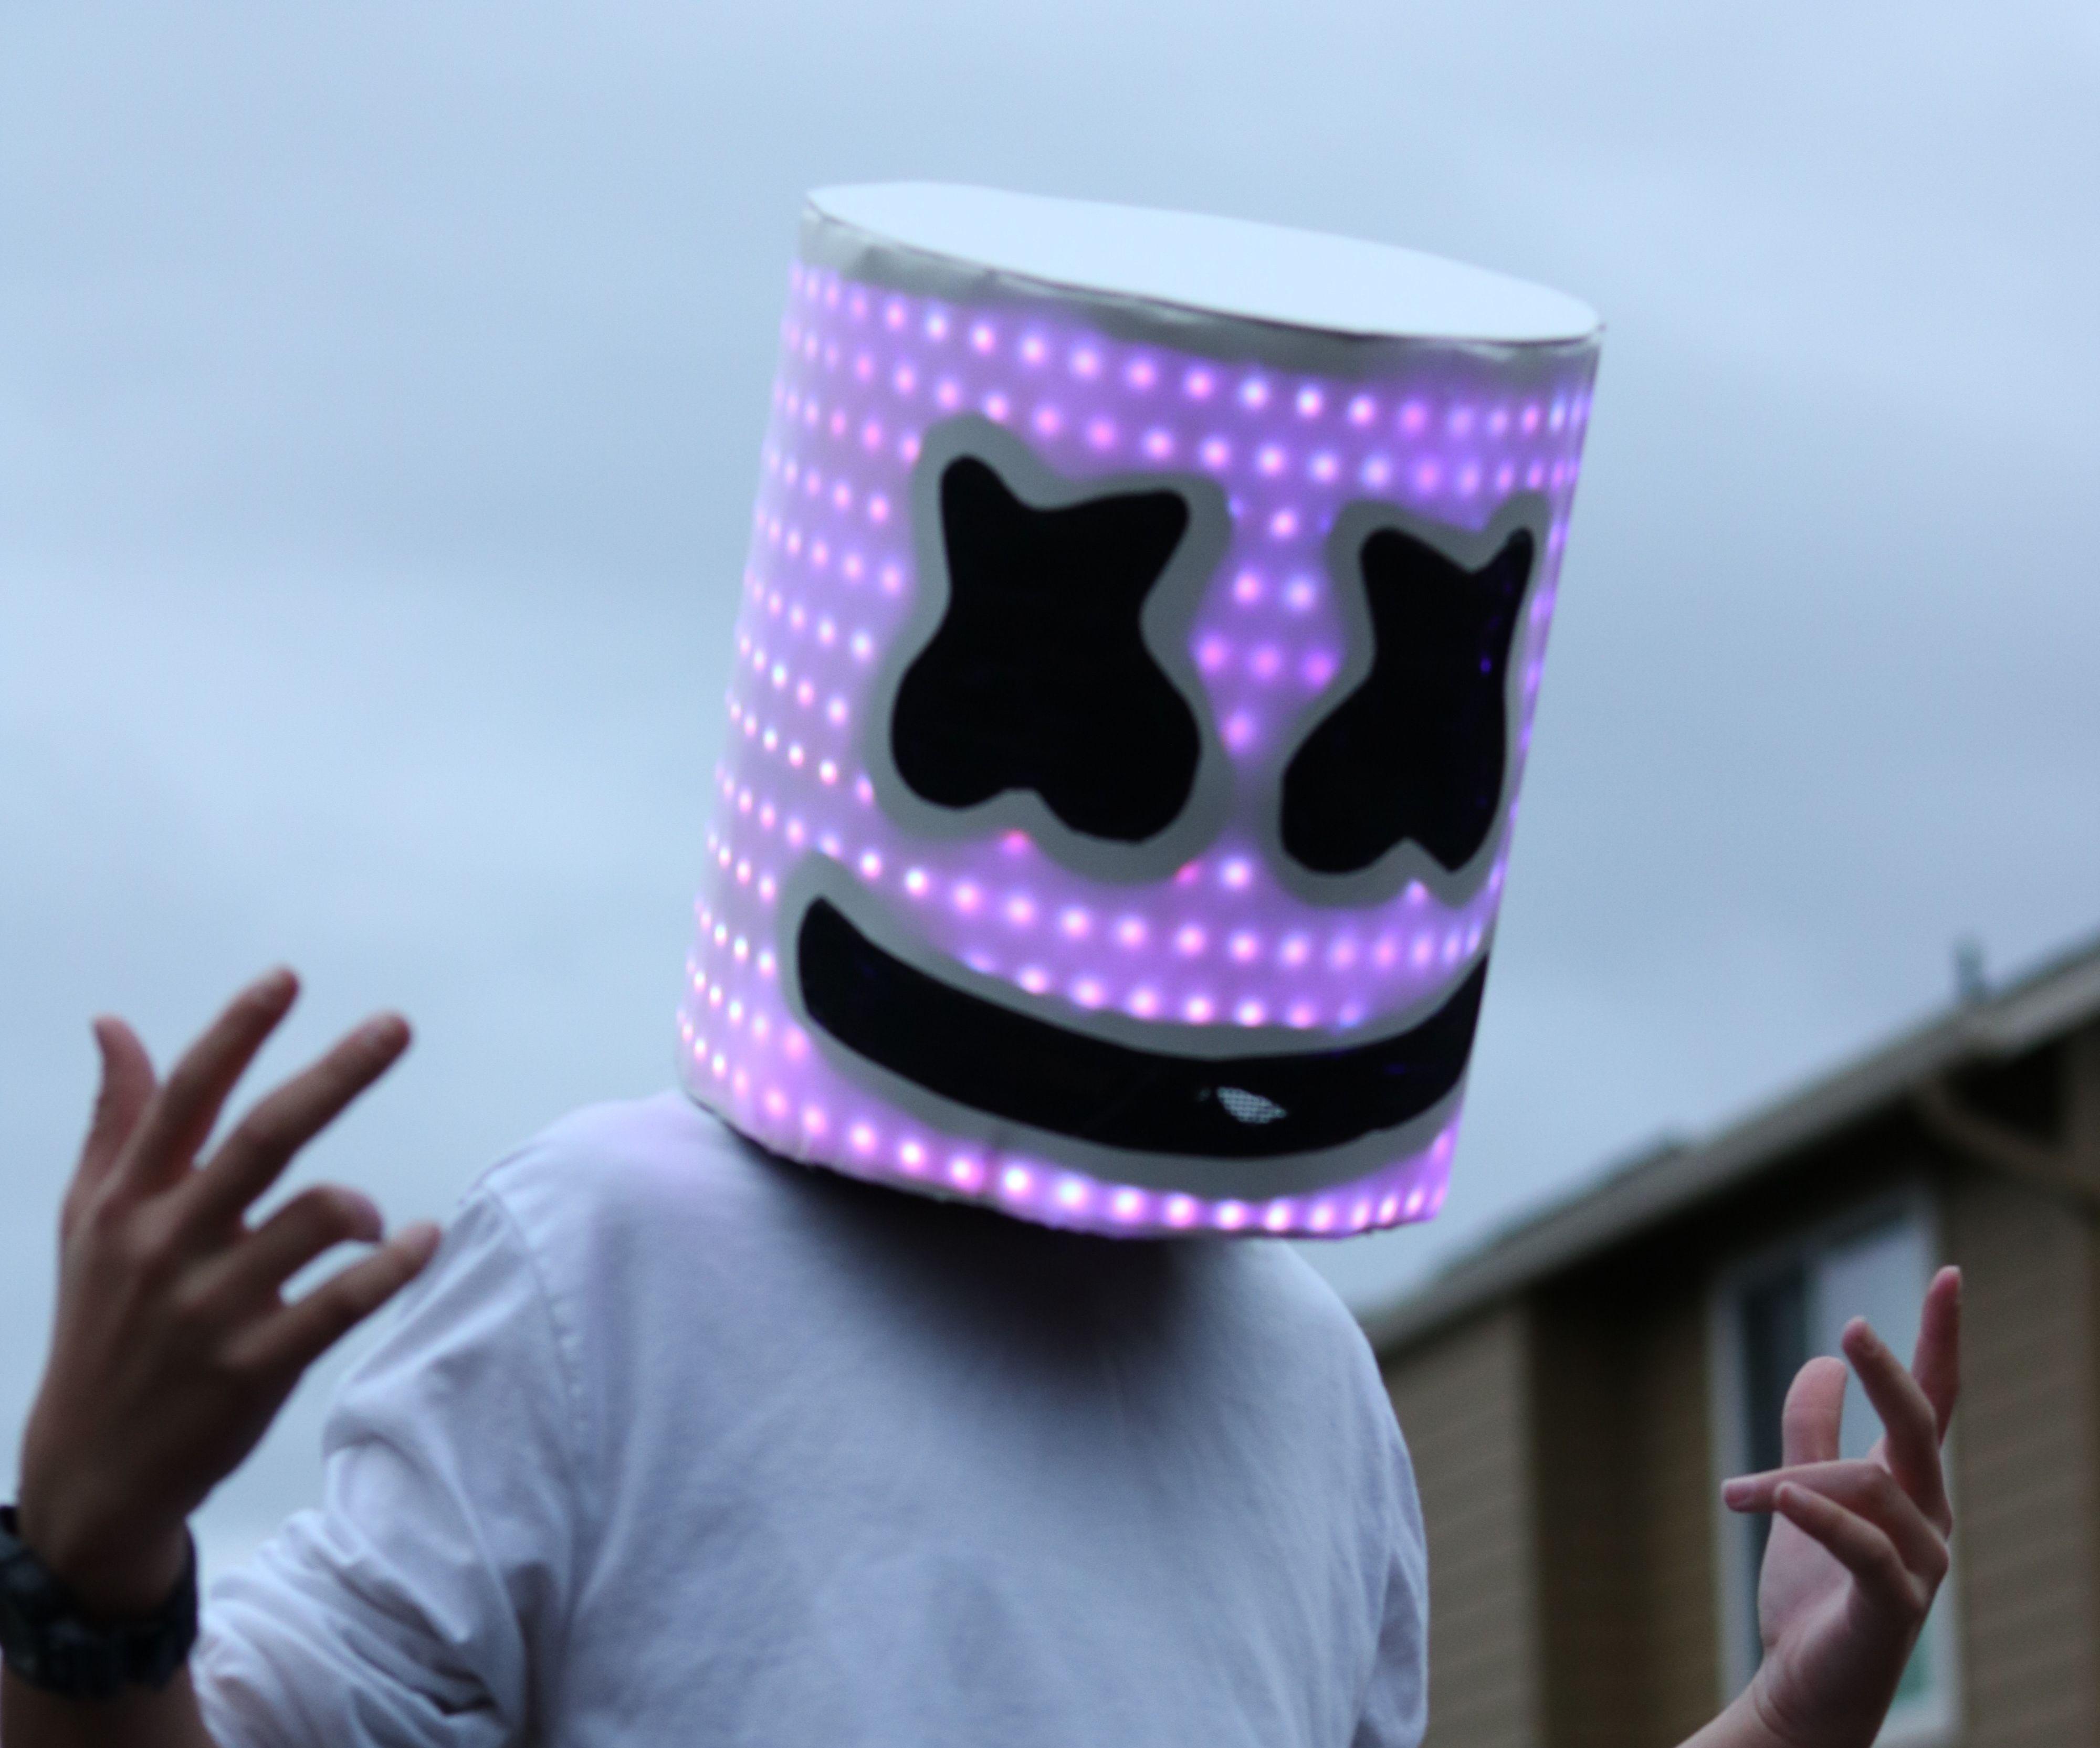 LED Marshmello Helmet for Under $50